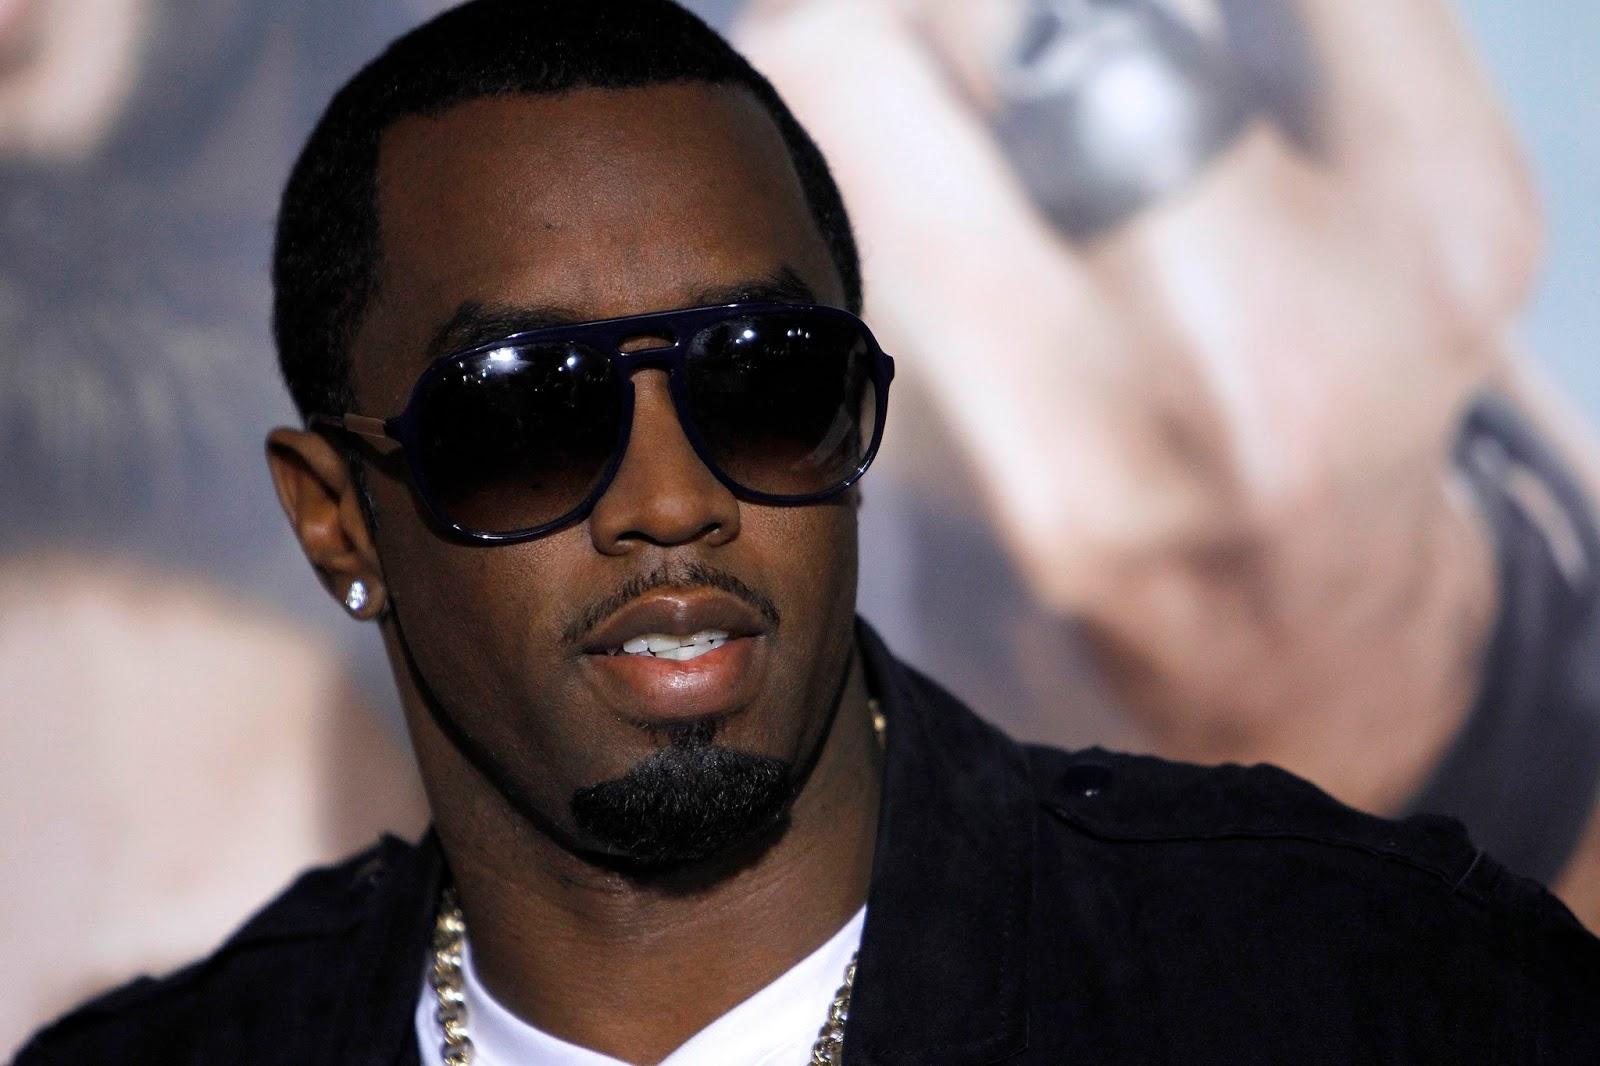 A l'occasion de ses 48 ans, P. Diddy change (encore) de nom